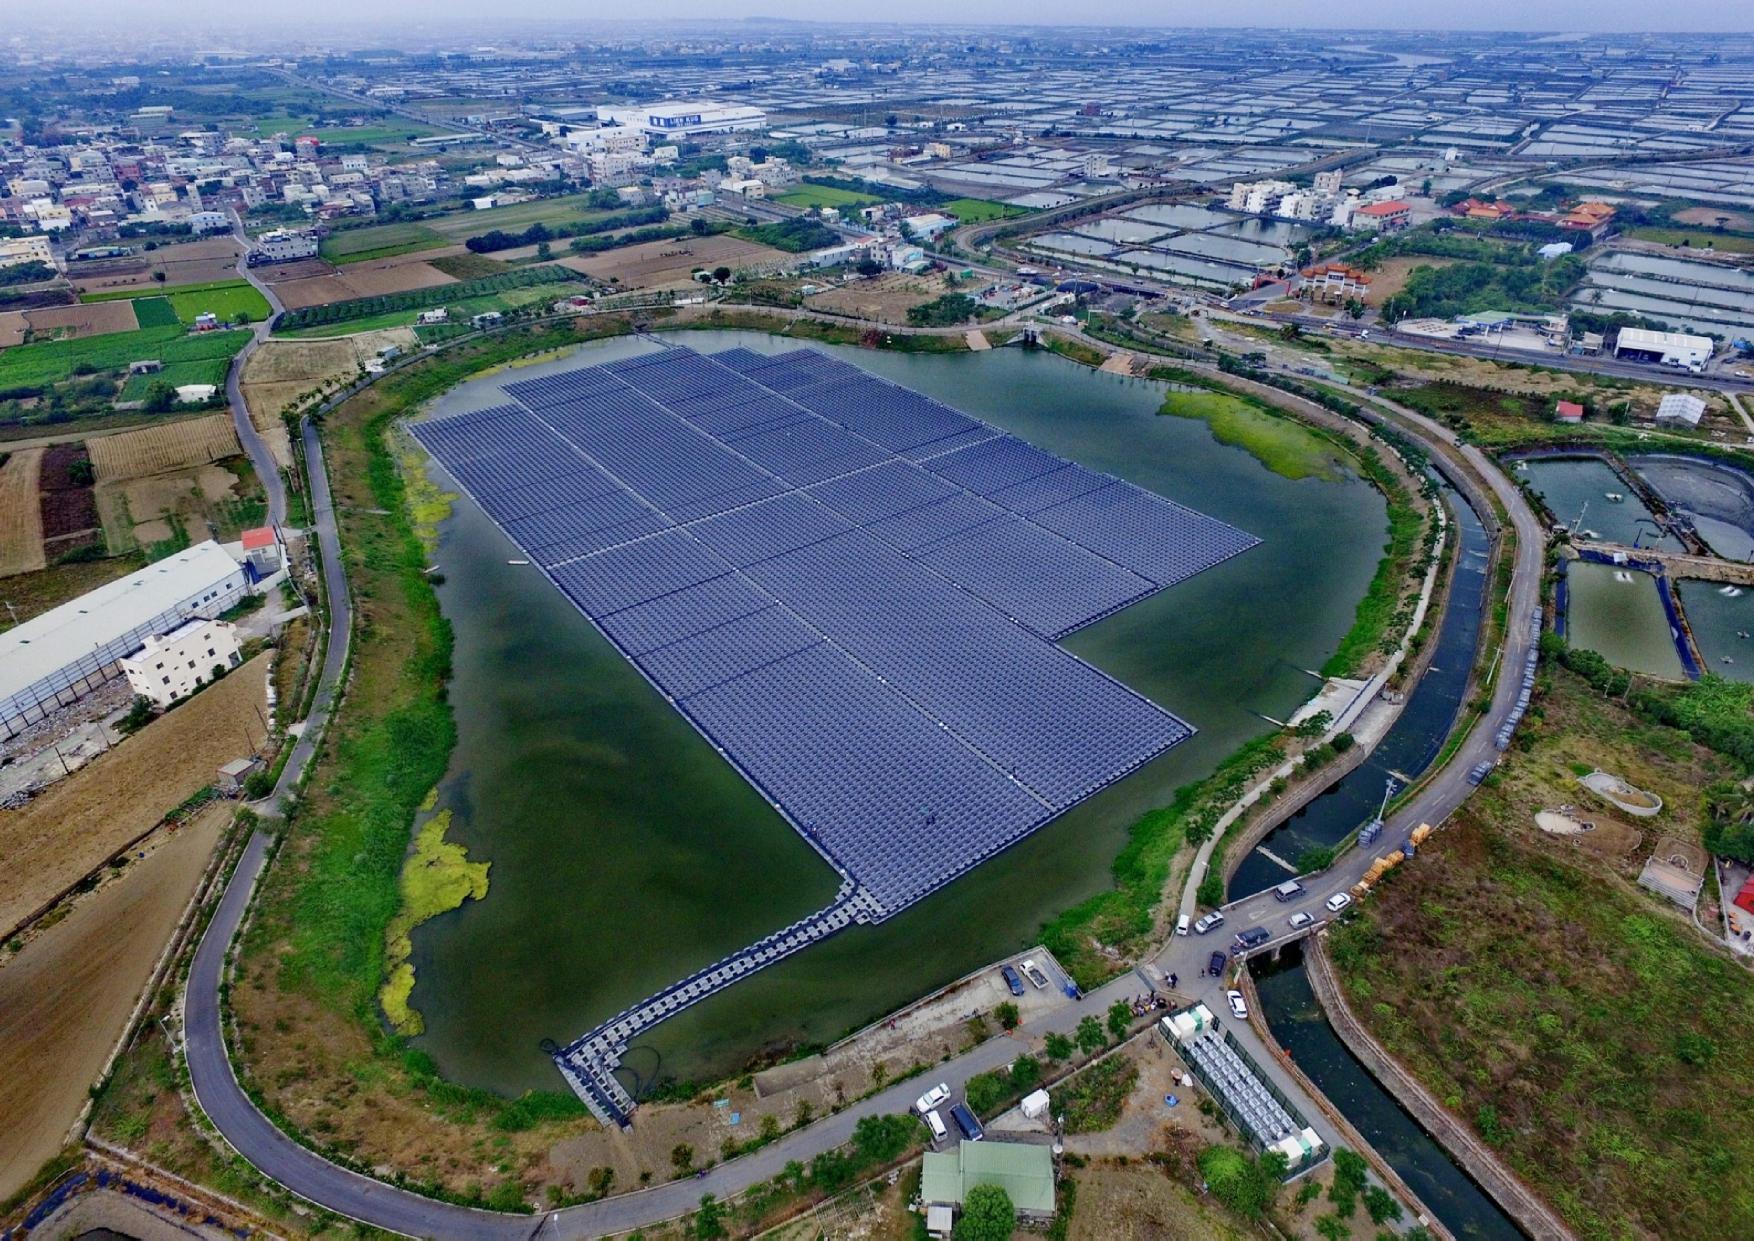 高雄市政府提供永安水域型太陽光電_圖示